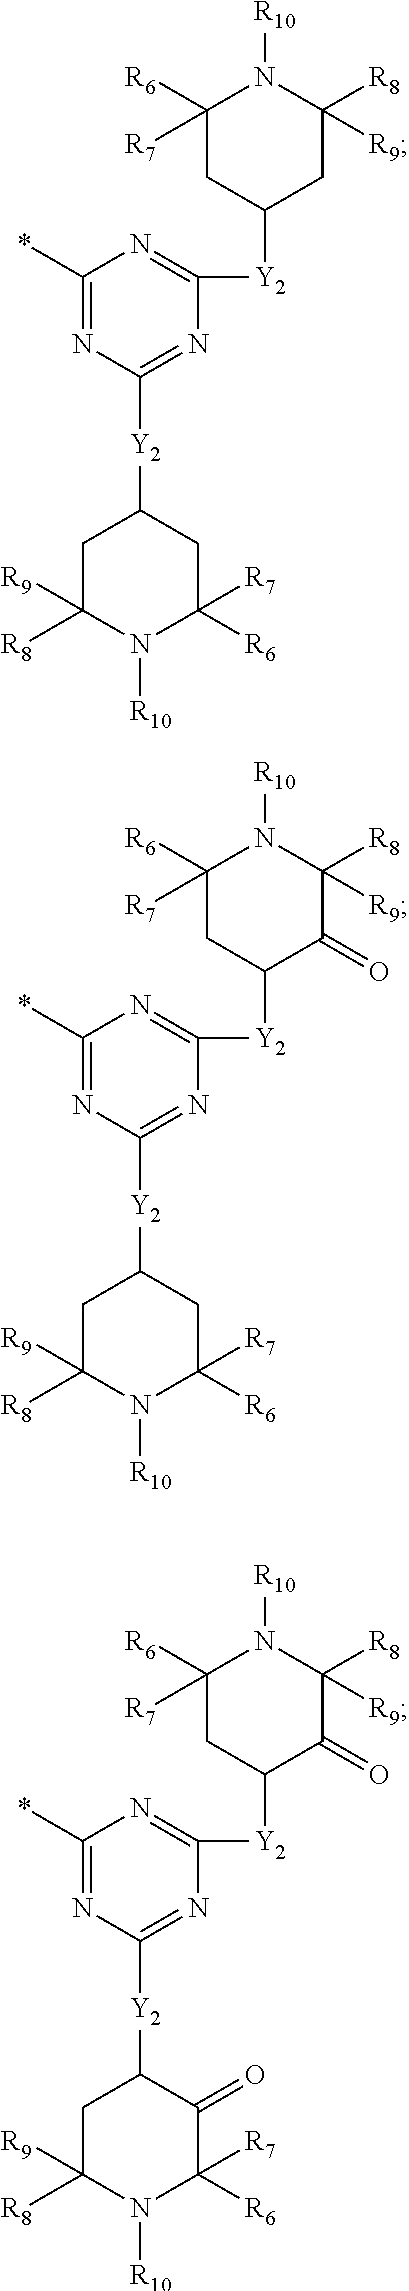 Figure US08901272-20141202-C00007